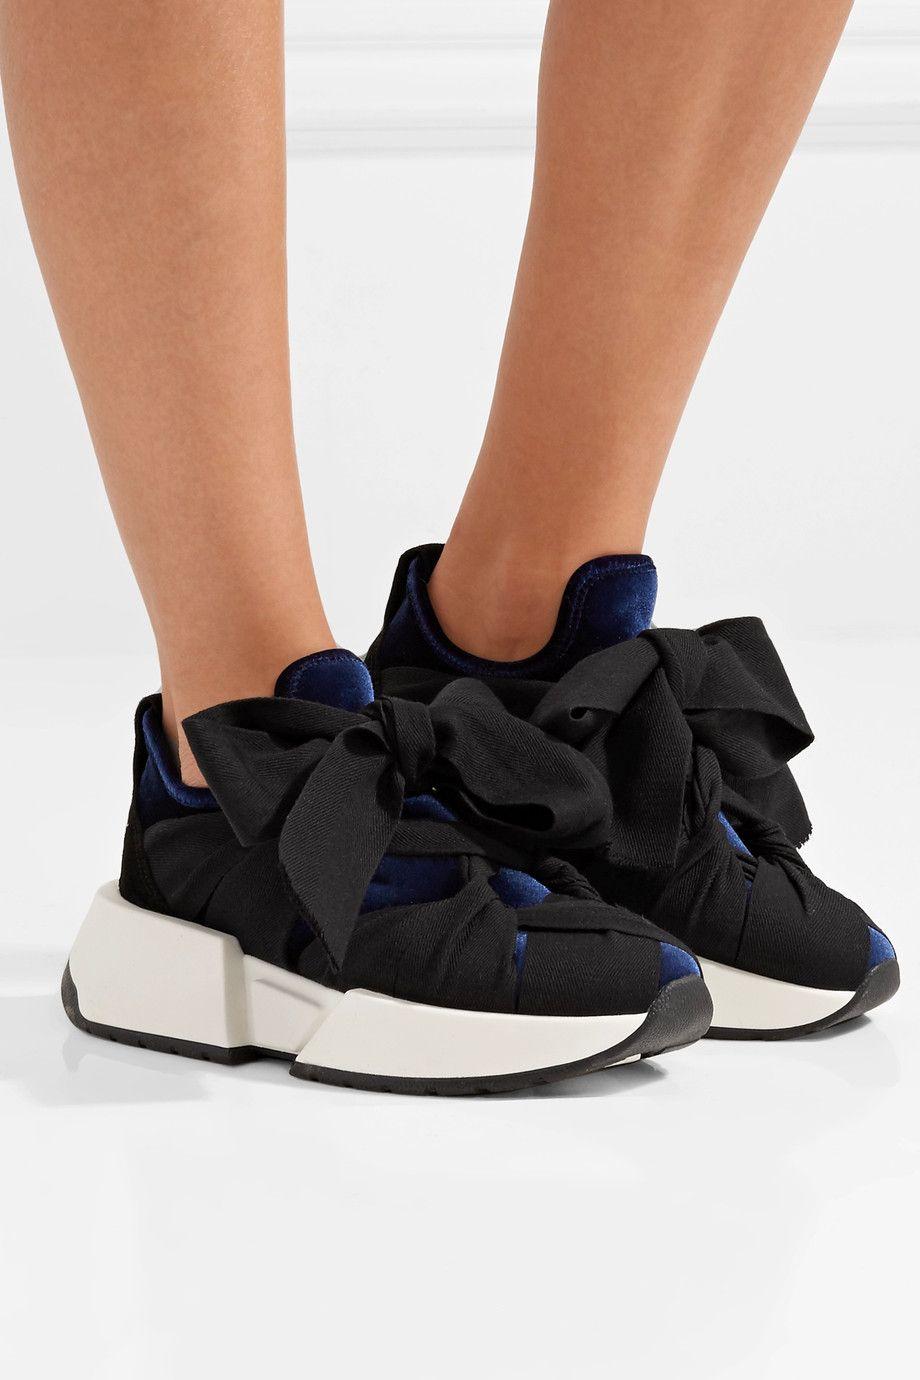 MM6 Maison Margiela | Velvet sneakers